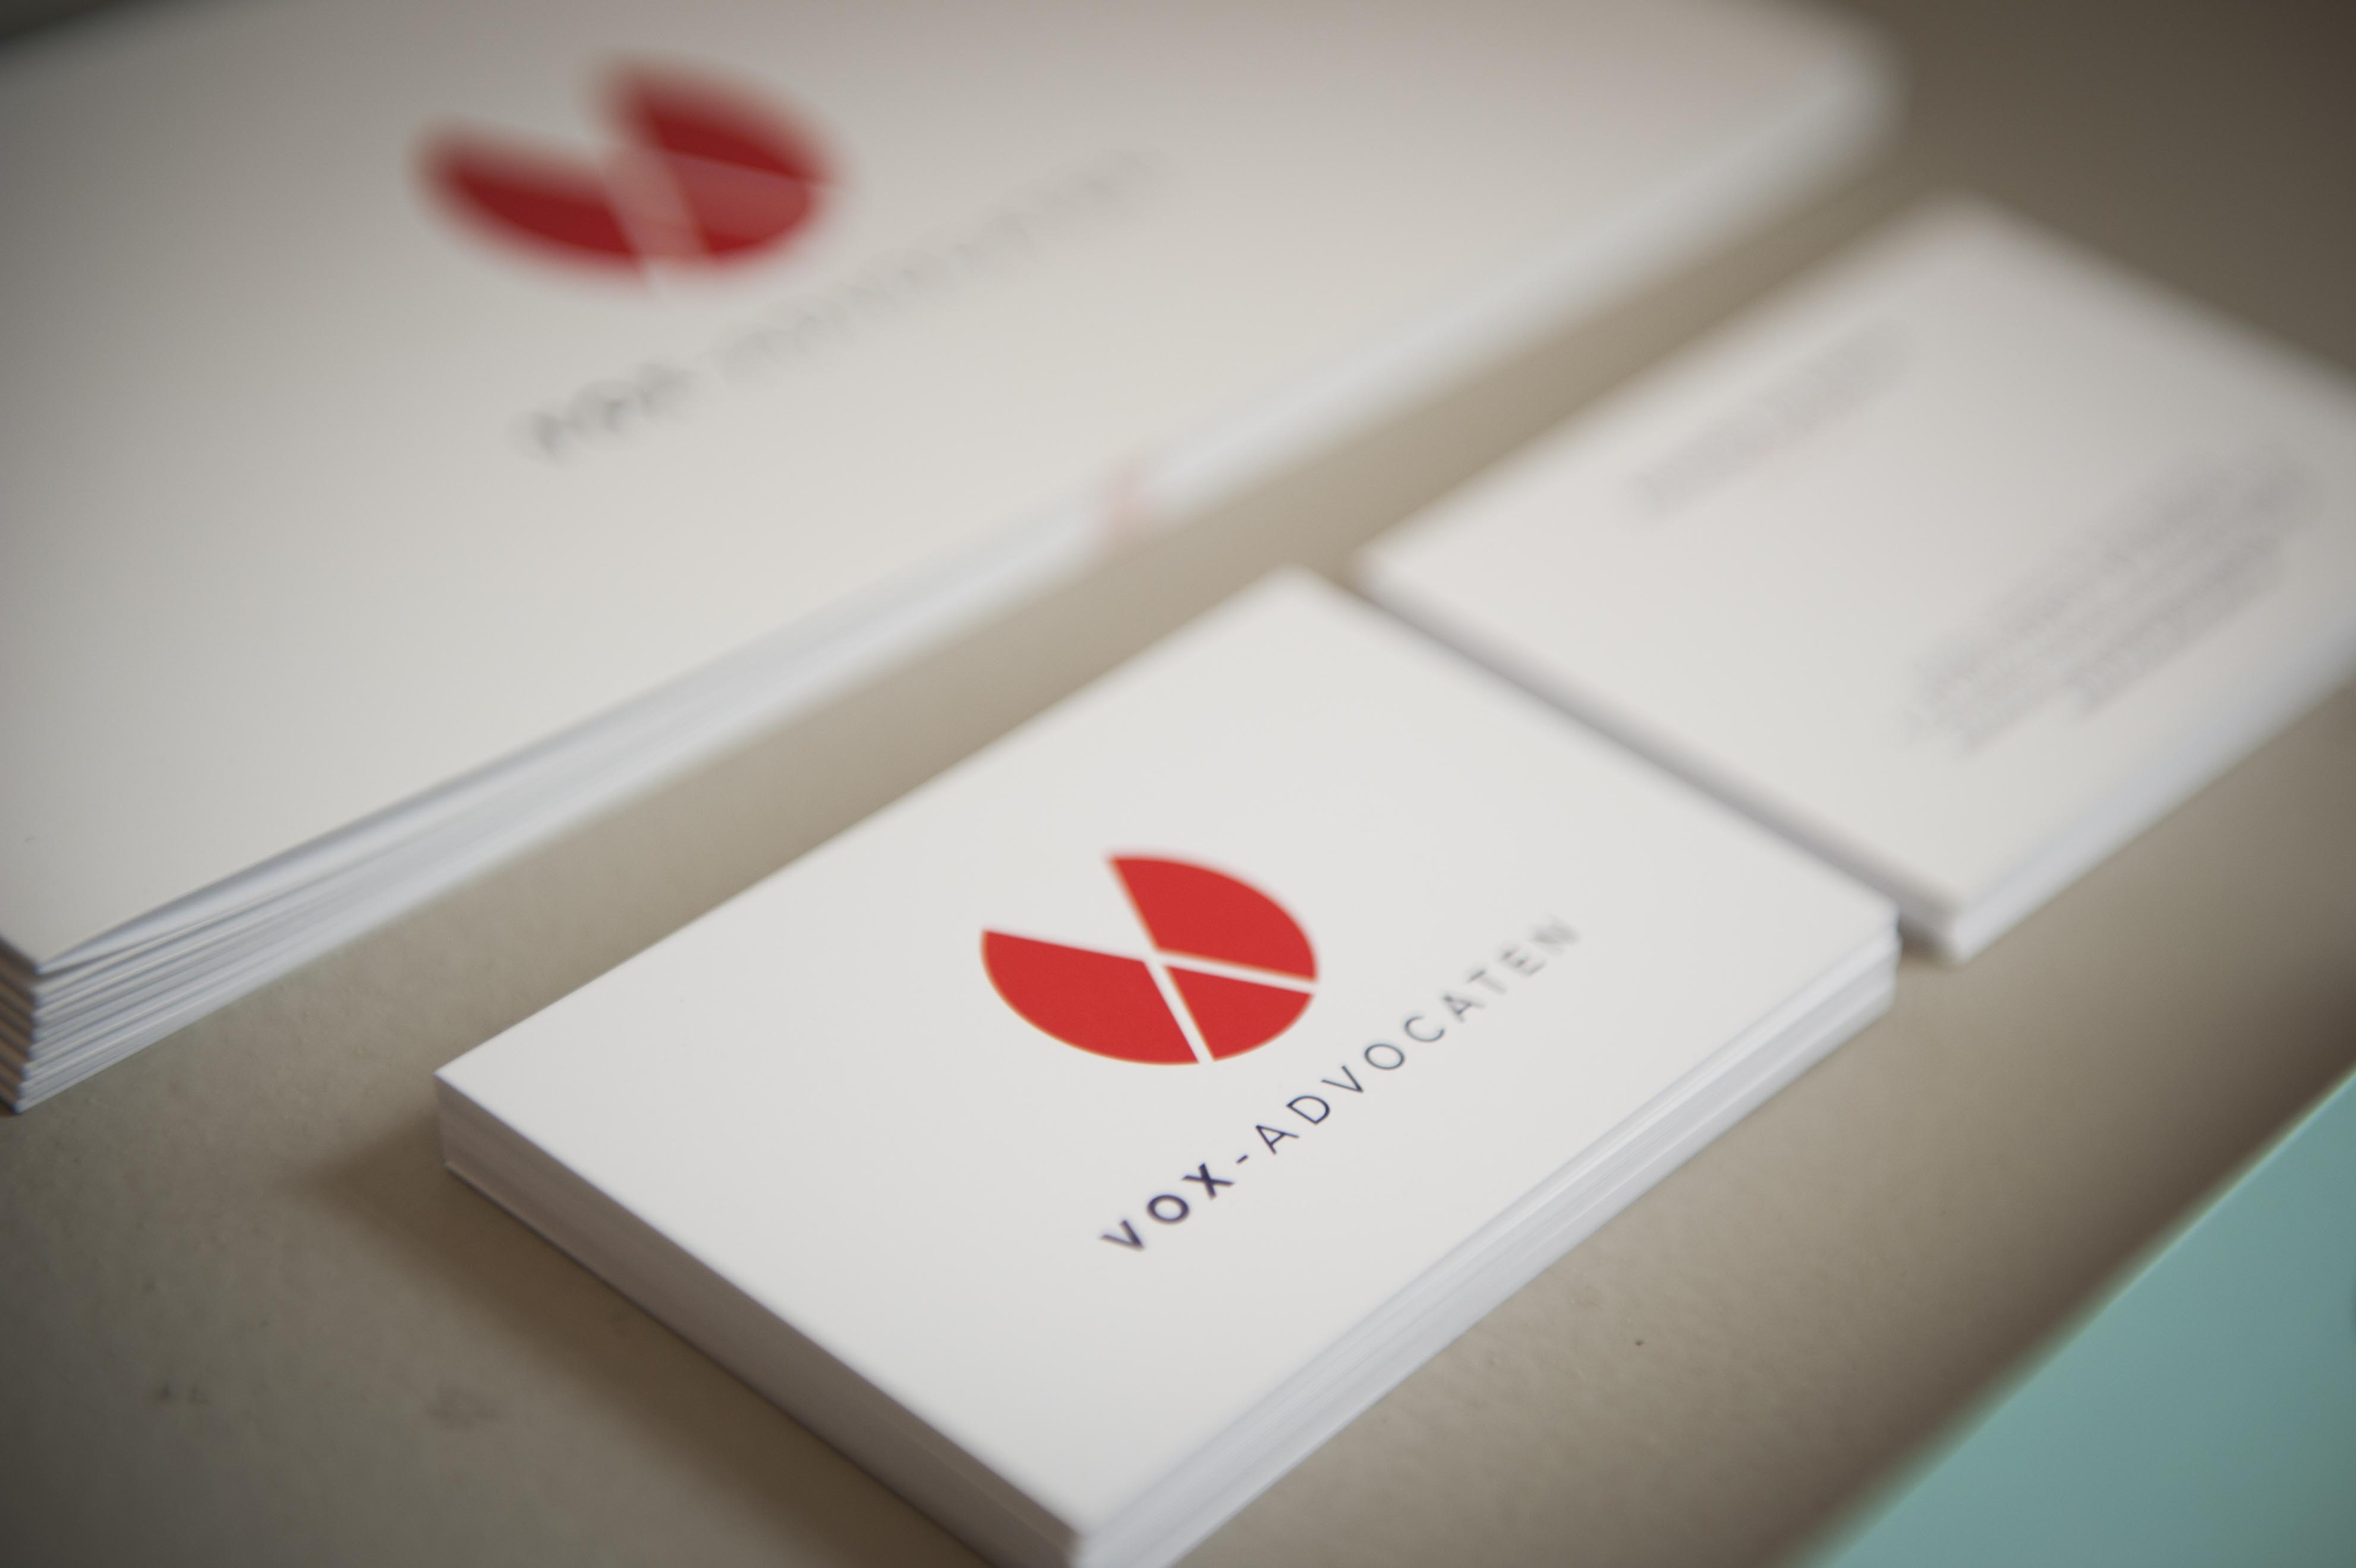 vox advocaten_61.visitekaartje.b